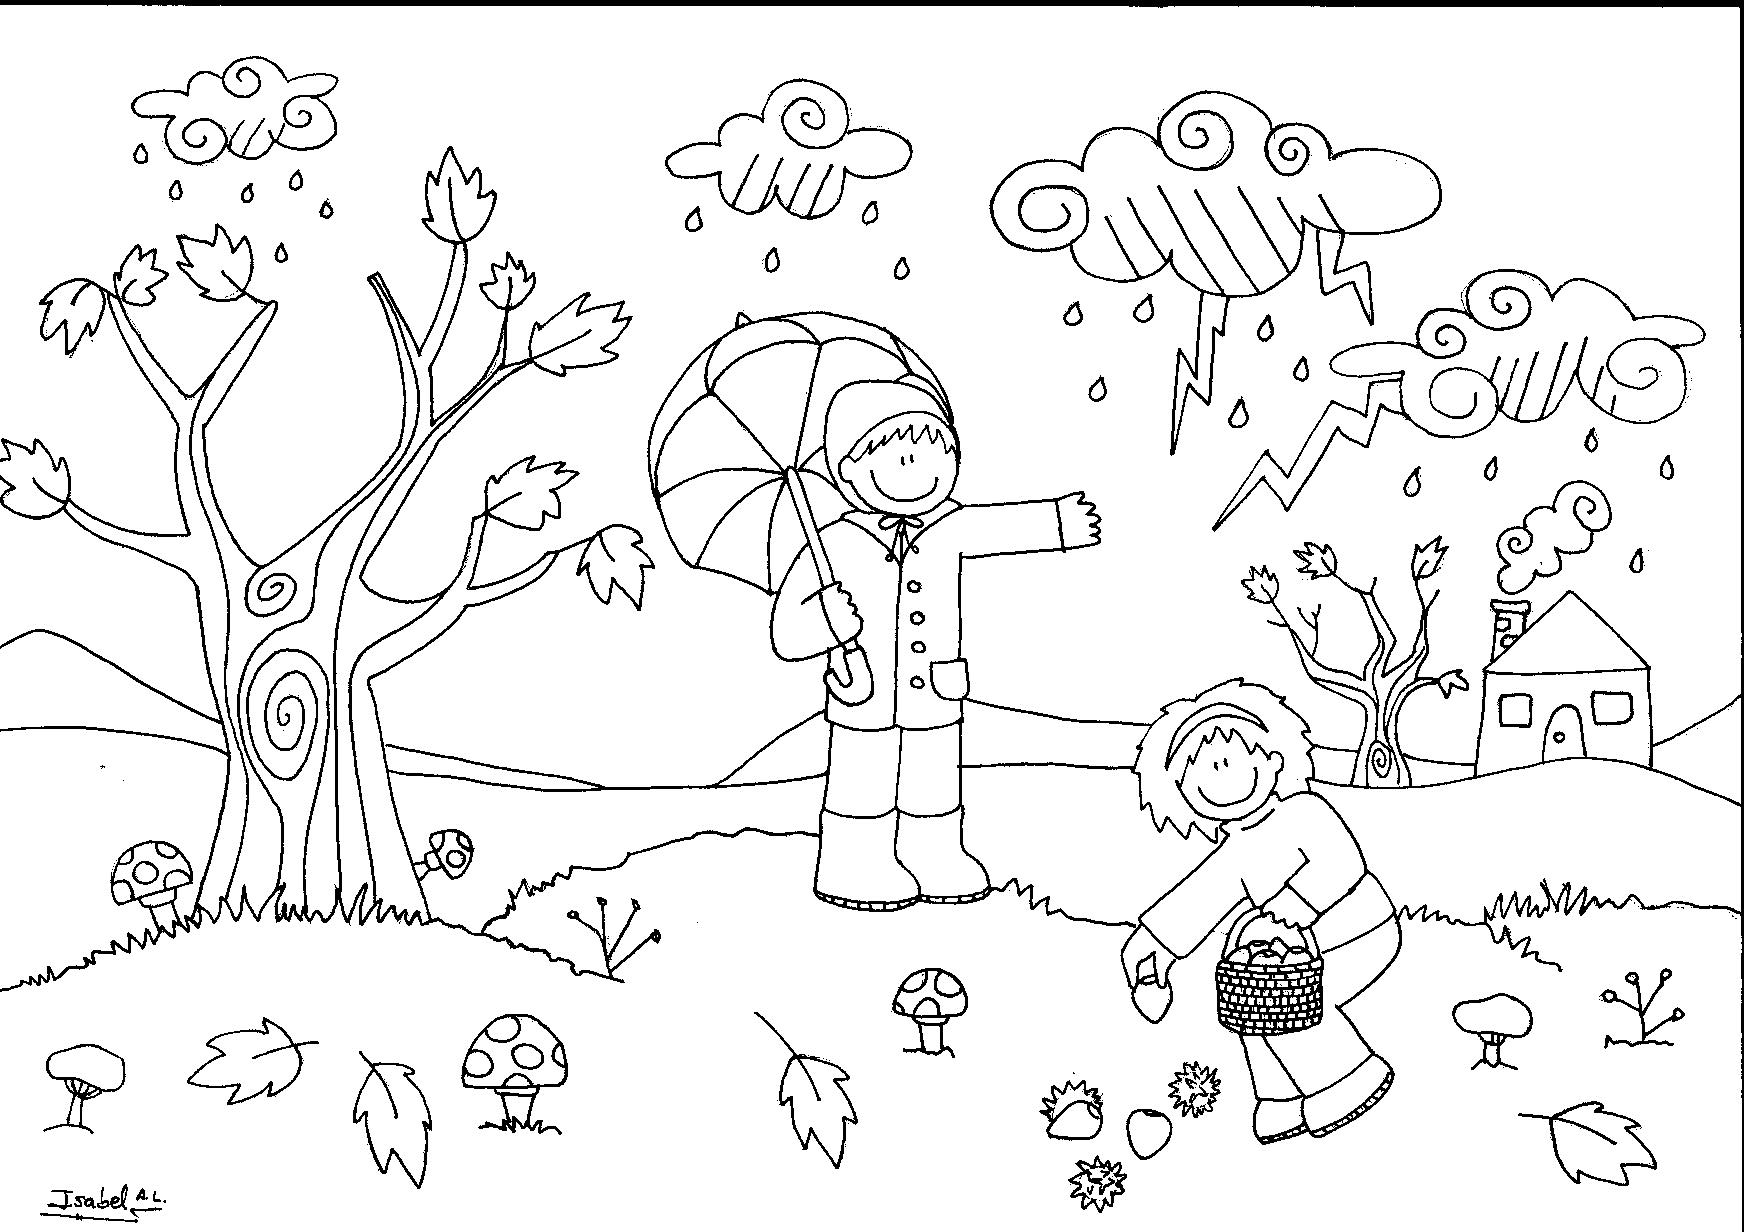 Dibujo De La Palabra Otoño Para Colorear Con Los Niños: Dibujo De Un Paisaje De Otoño Para Niños